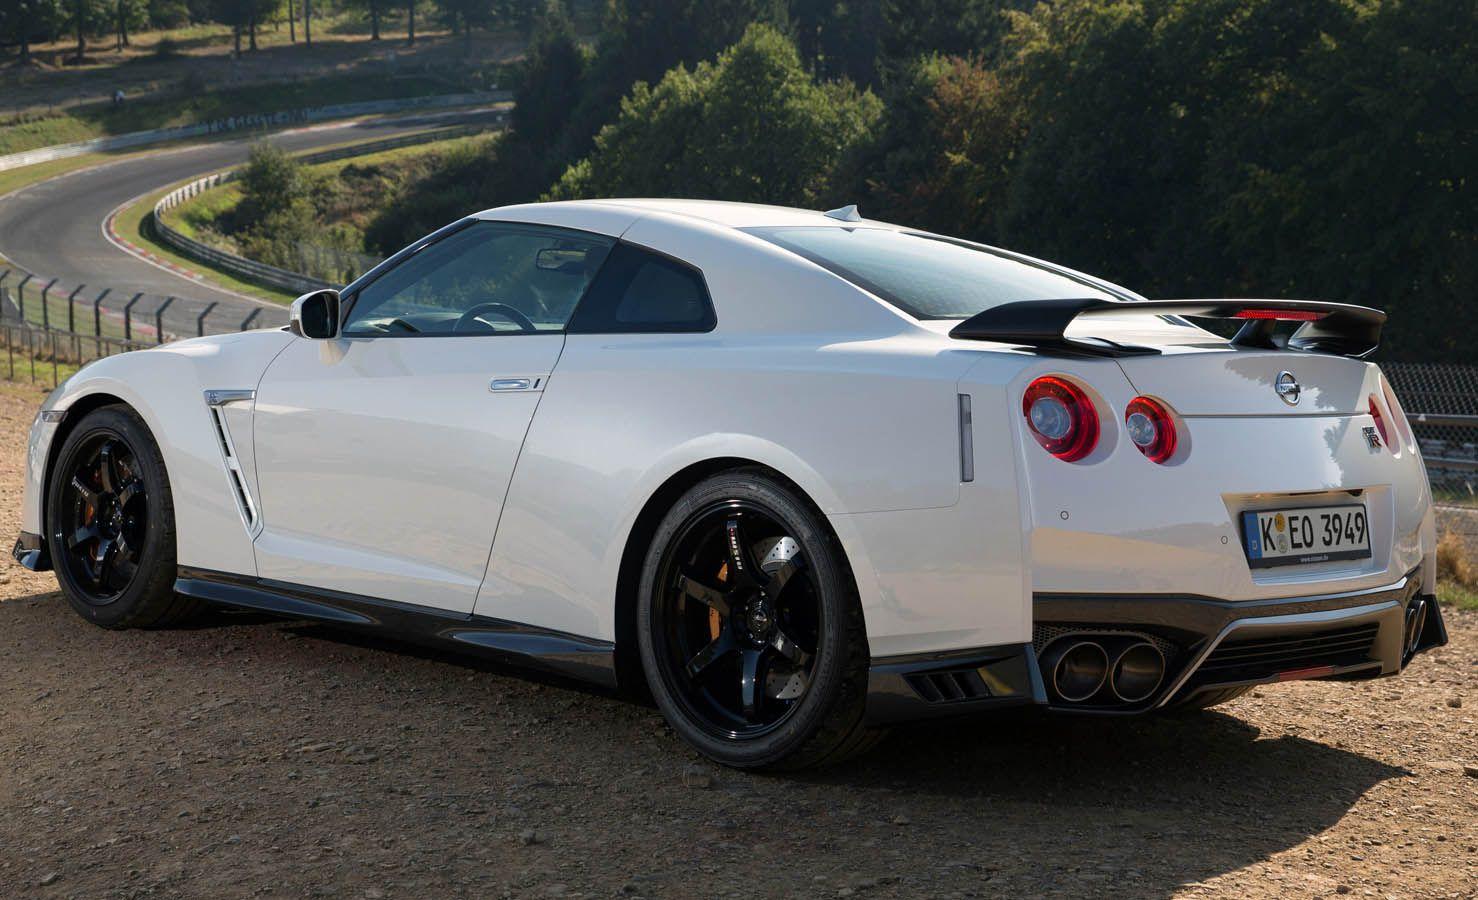 نيسان جي تي ار تراك ايدشين نسخة السوبر تميز موقع ويلز Nissan Gt R Super Cars Gtr